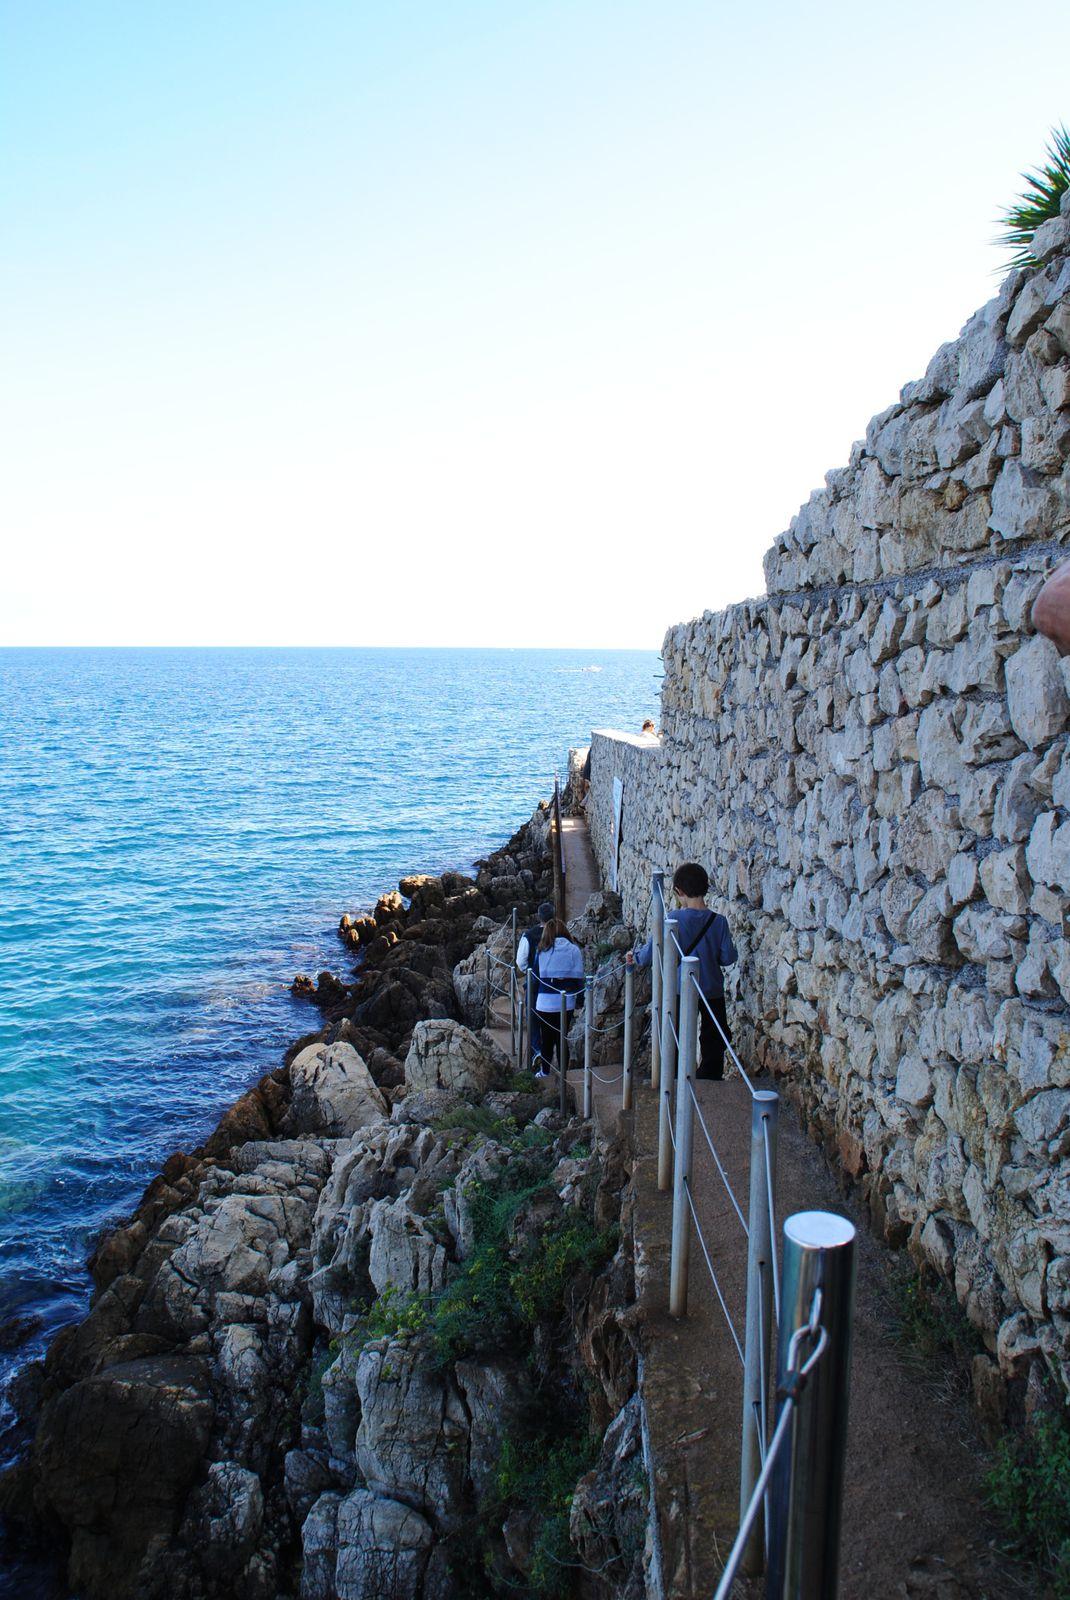 Cap d'Antibes le sentier du littoral (Alpes Maritimes)Balades d'ici et d'ailleurs